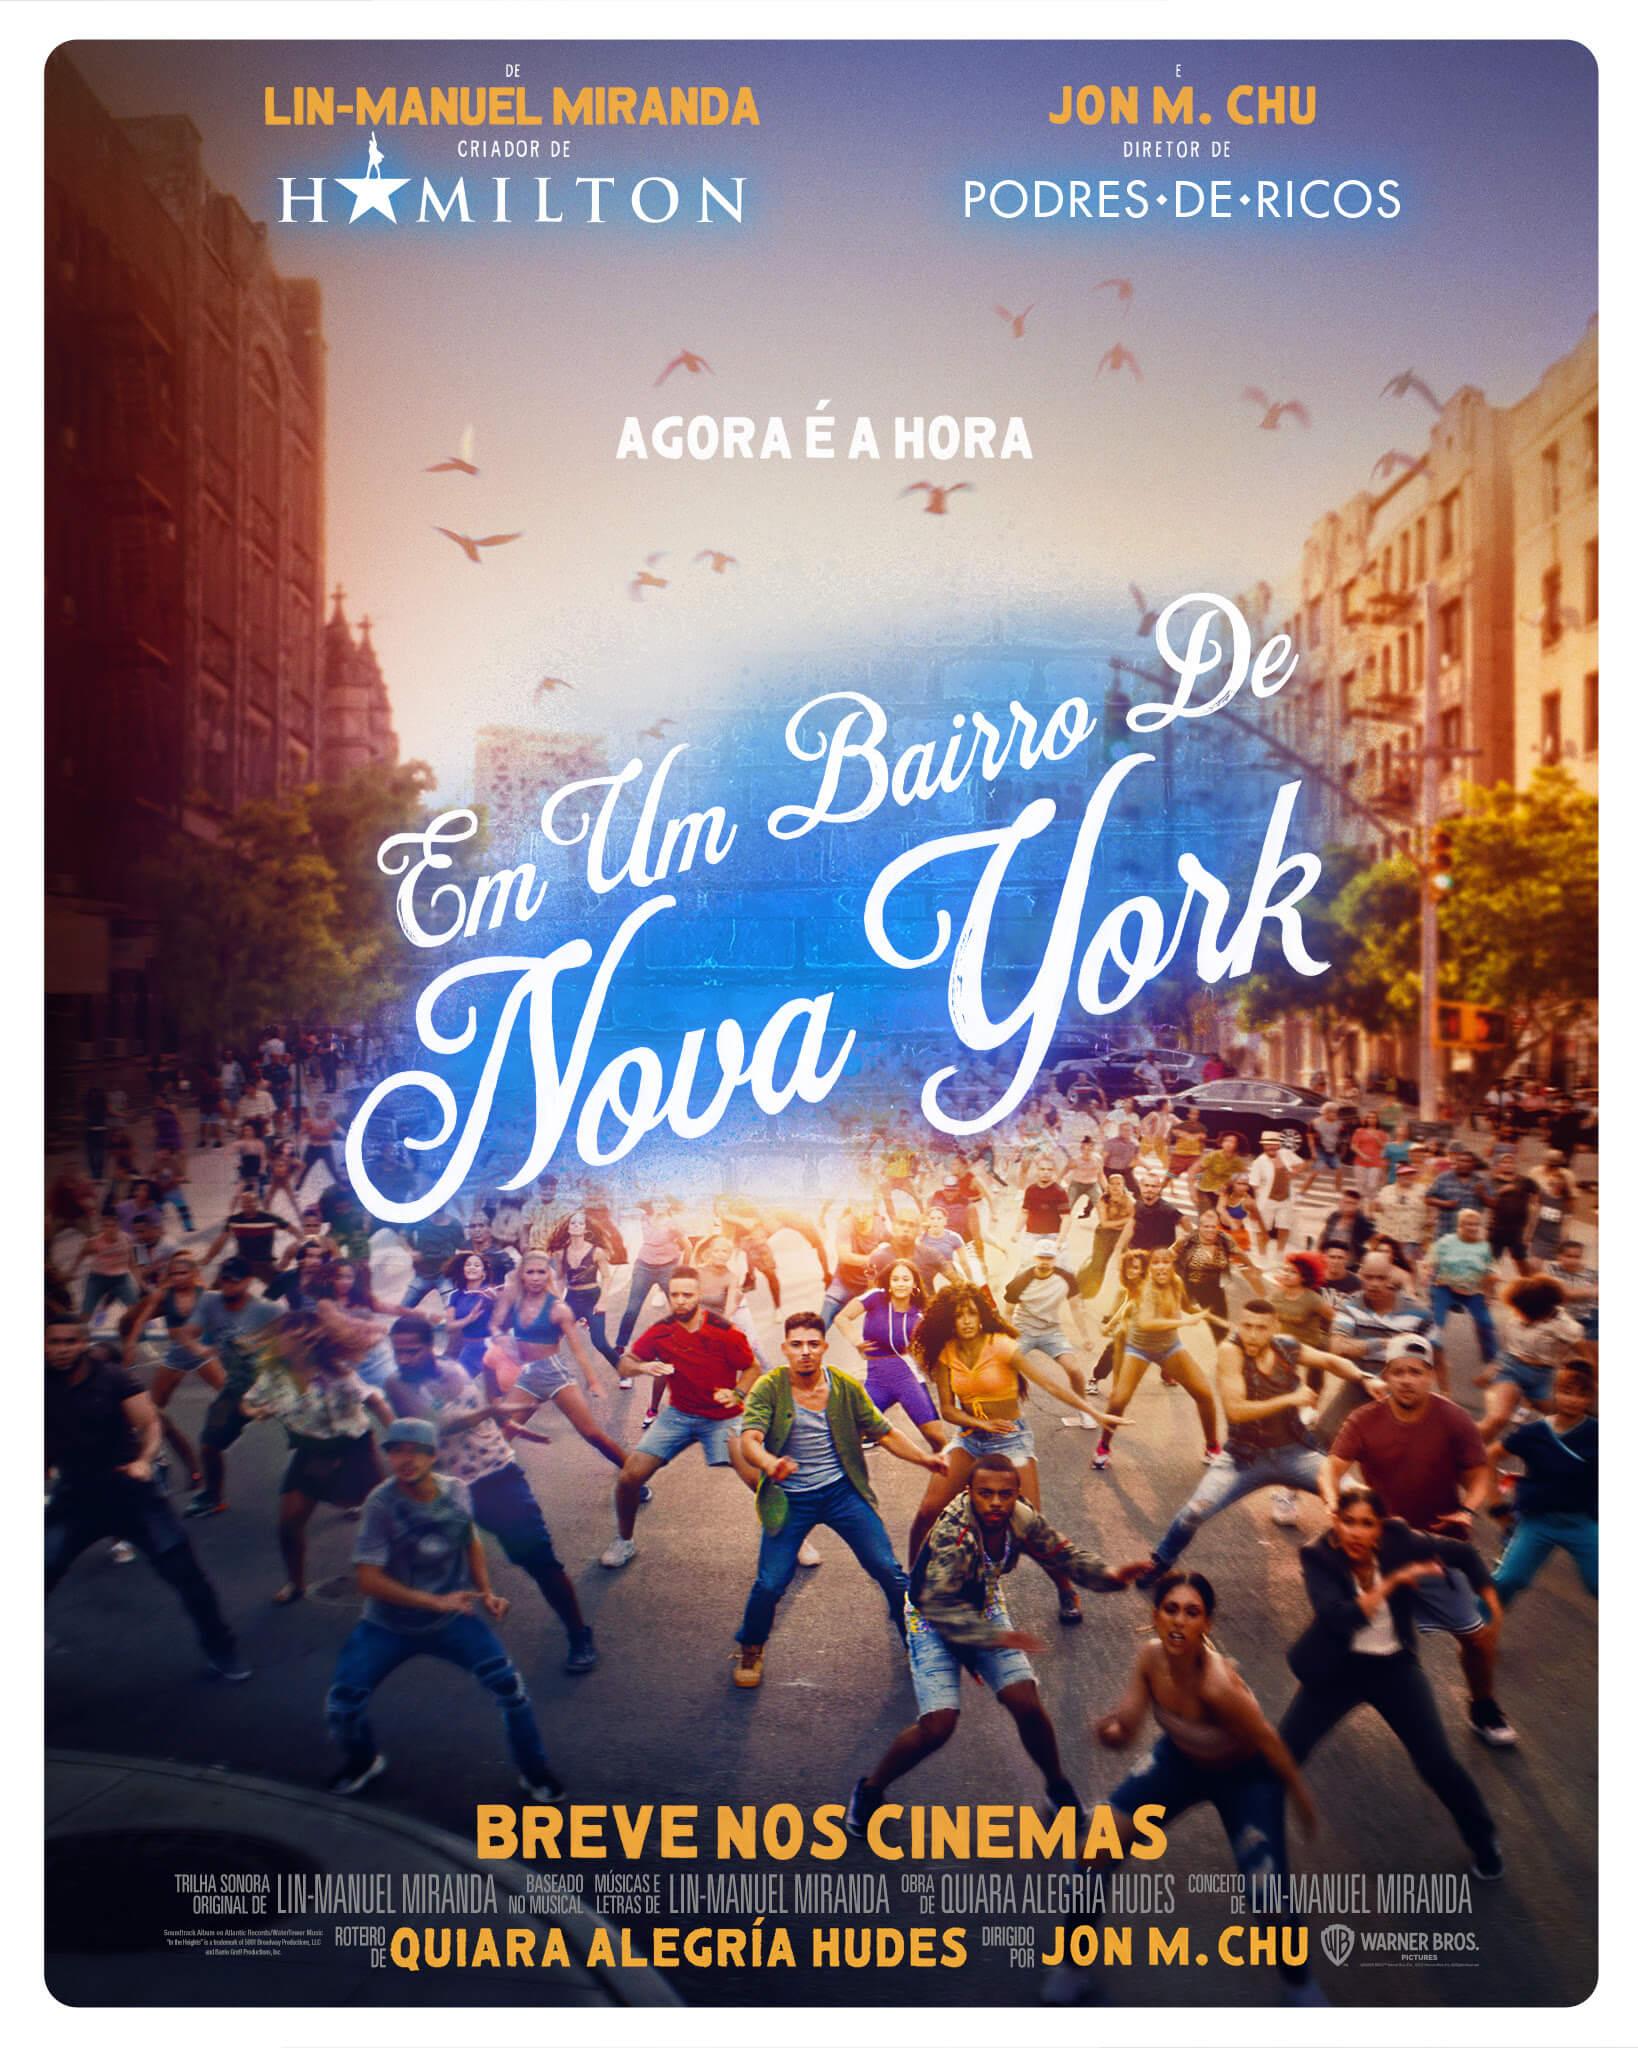 Em Um Bairro de Nova York   Baseado no musical de Lin-Manuel Miranda ganha  novo trailer - Otageek